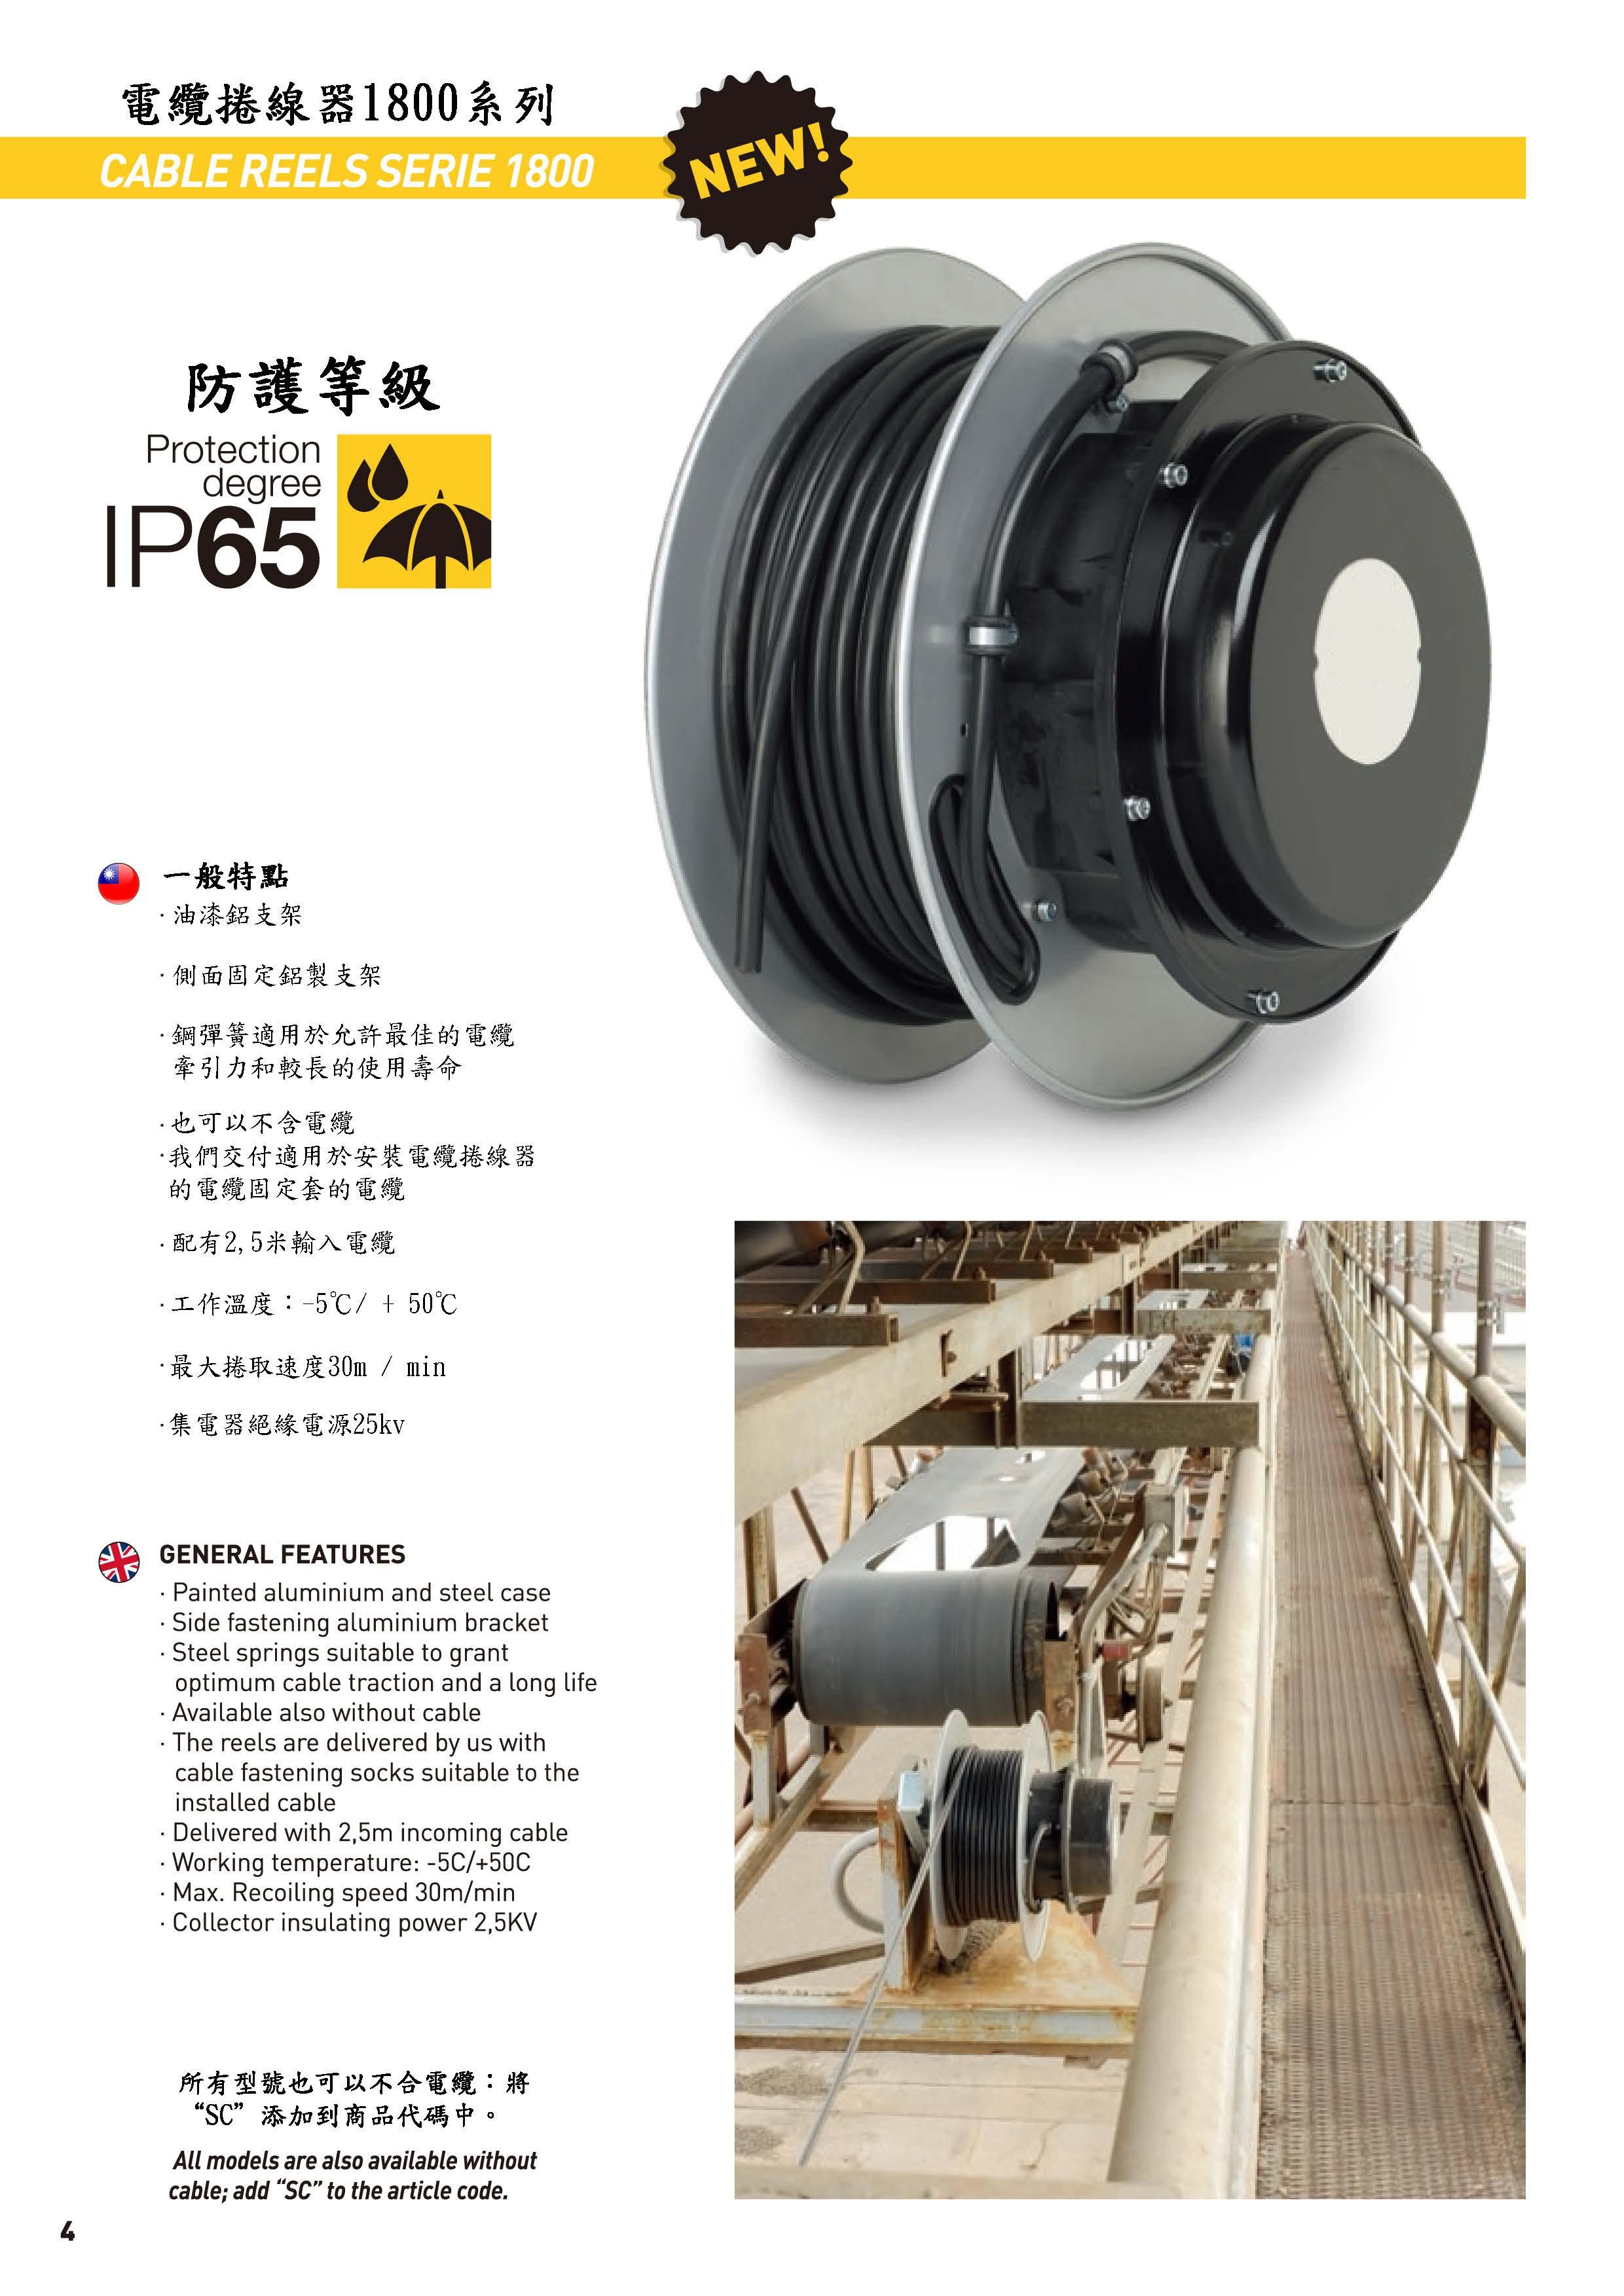 6-4. 電纜捲線器1800系列 Cable reels 1800 serie